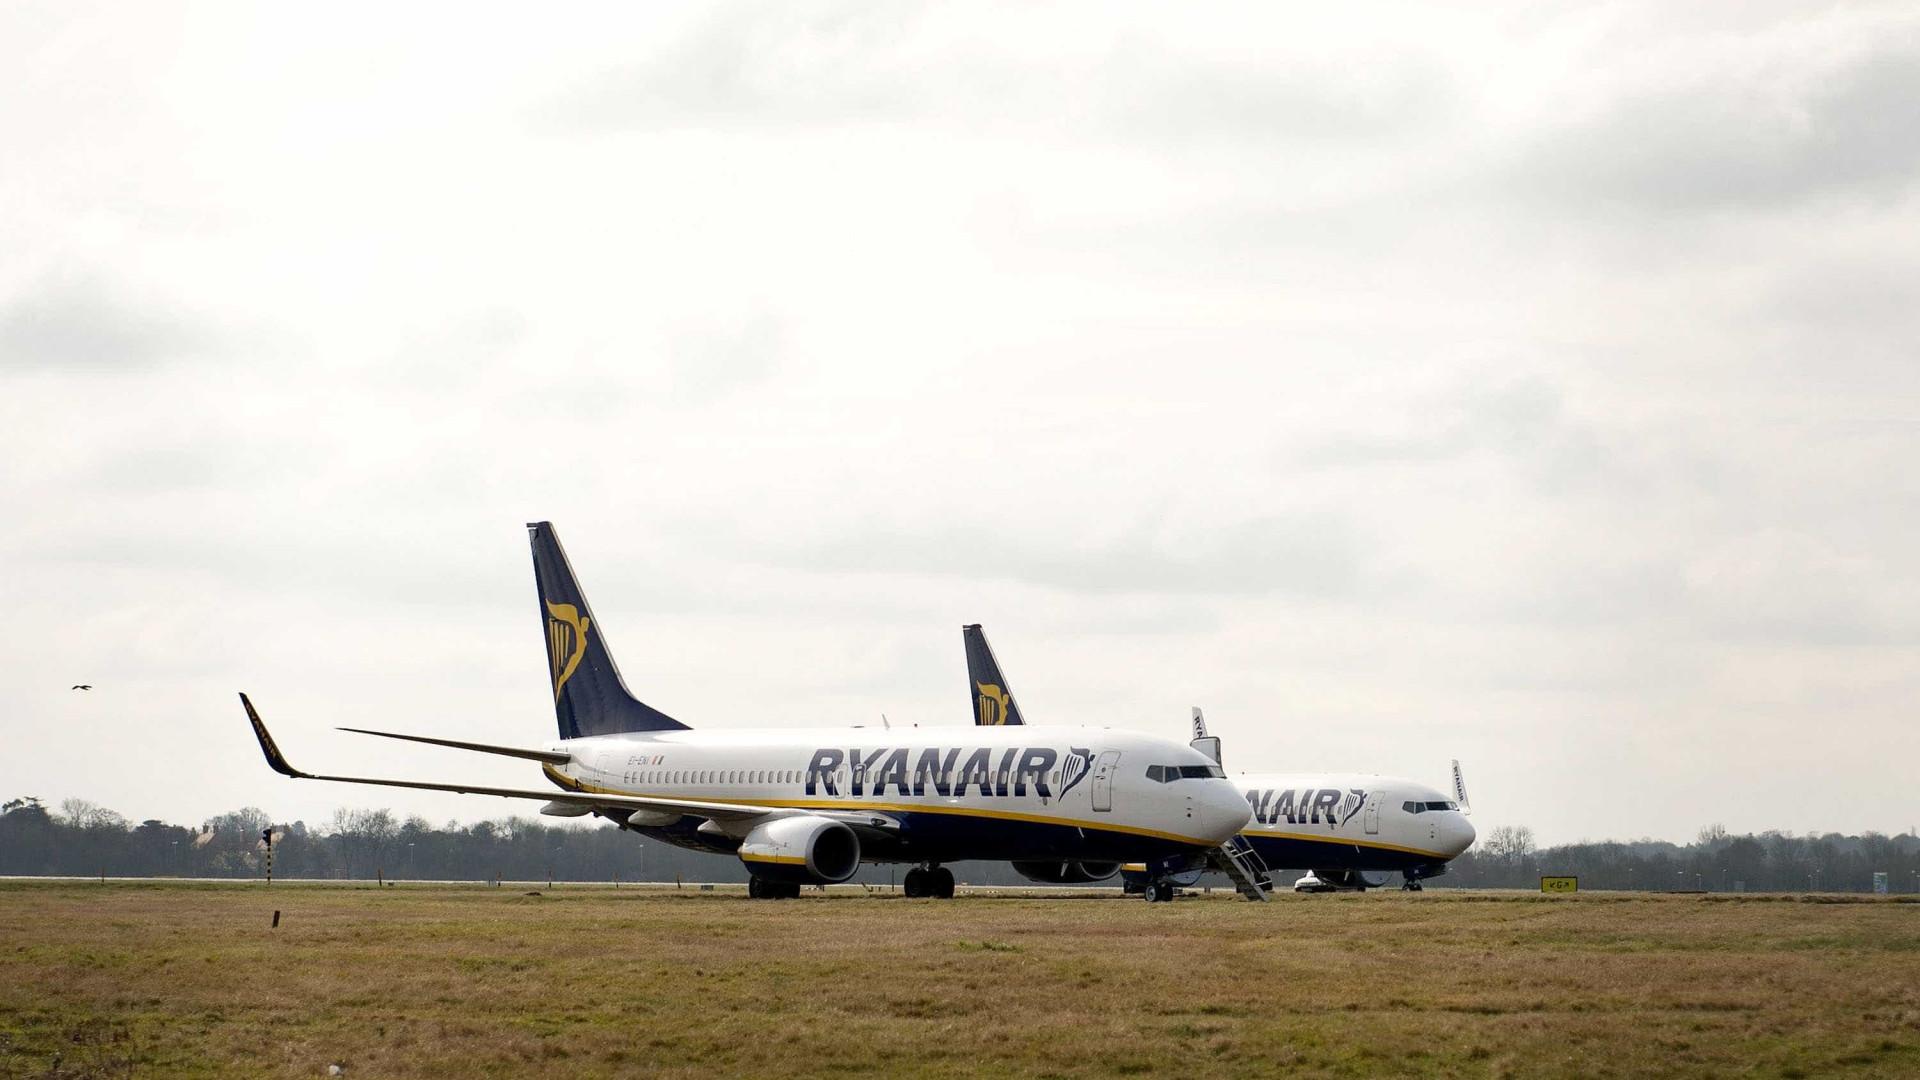 Ryanair contesta indemnização por falha de combustível em Lisboa